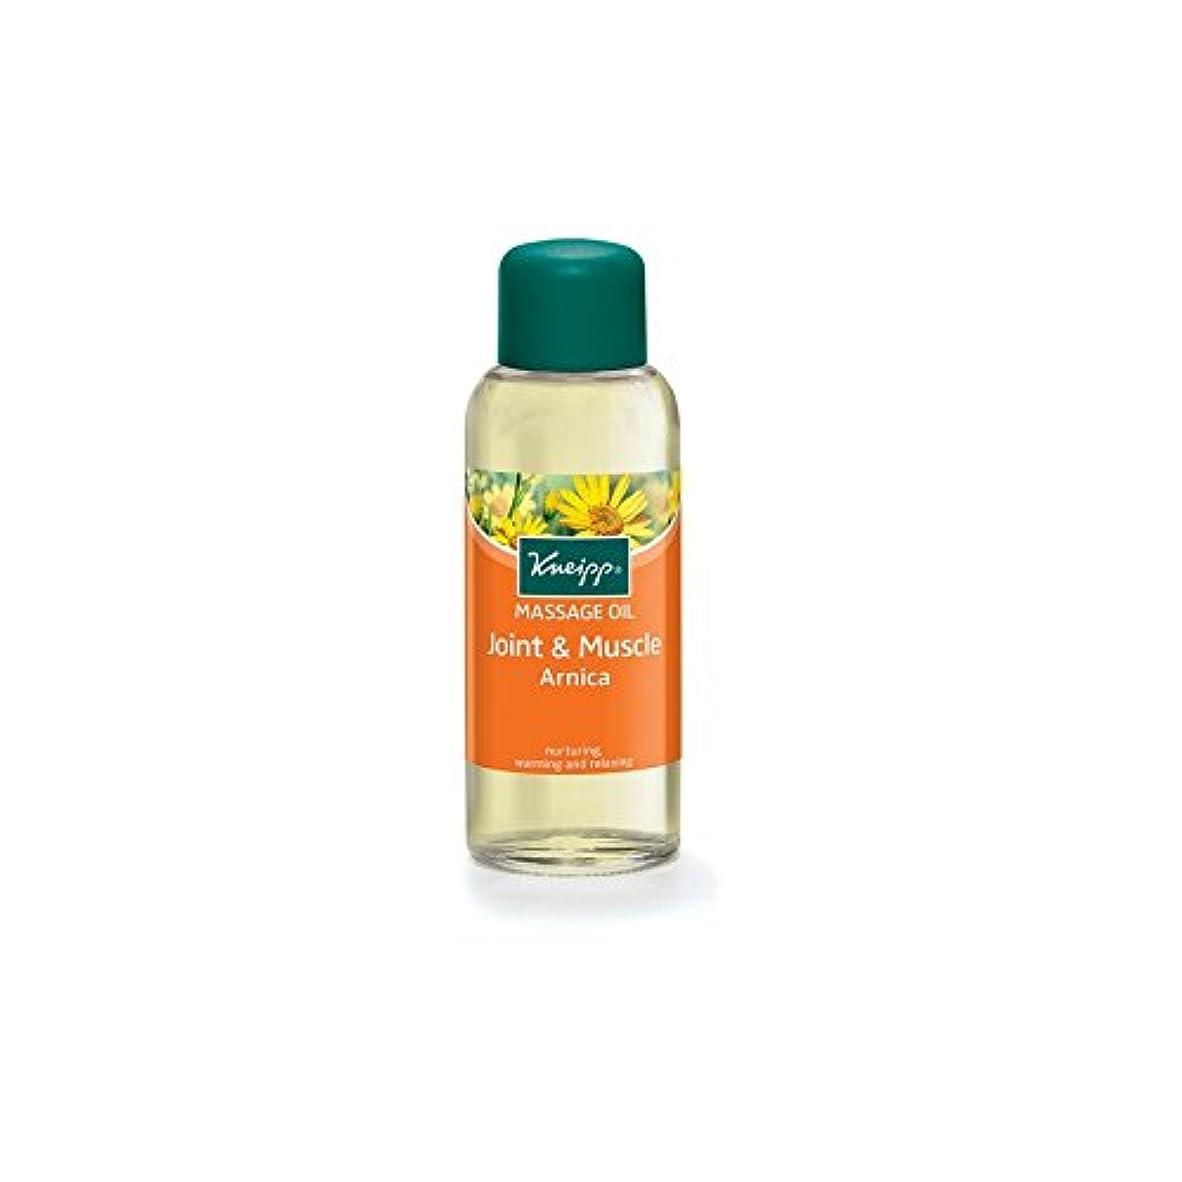 風刺食べる愛クナイプの関節や筋肉アルニカマッサージオイル(100ミリリットル) x2 - Kneipp Joint and Muscle Arnica Massage Oil (100ml) (Pack of 2) [並行輸入品]